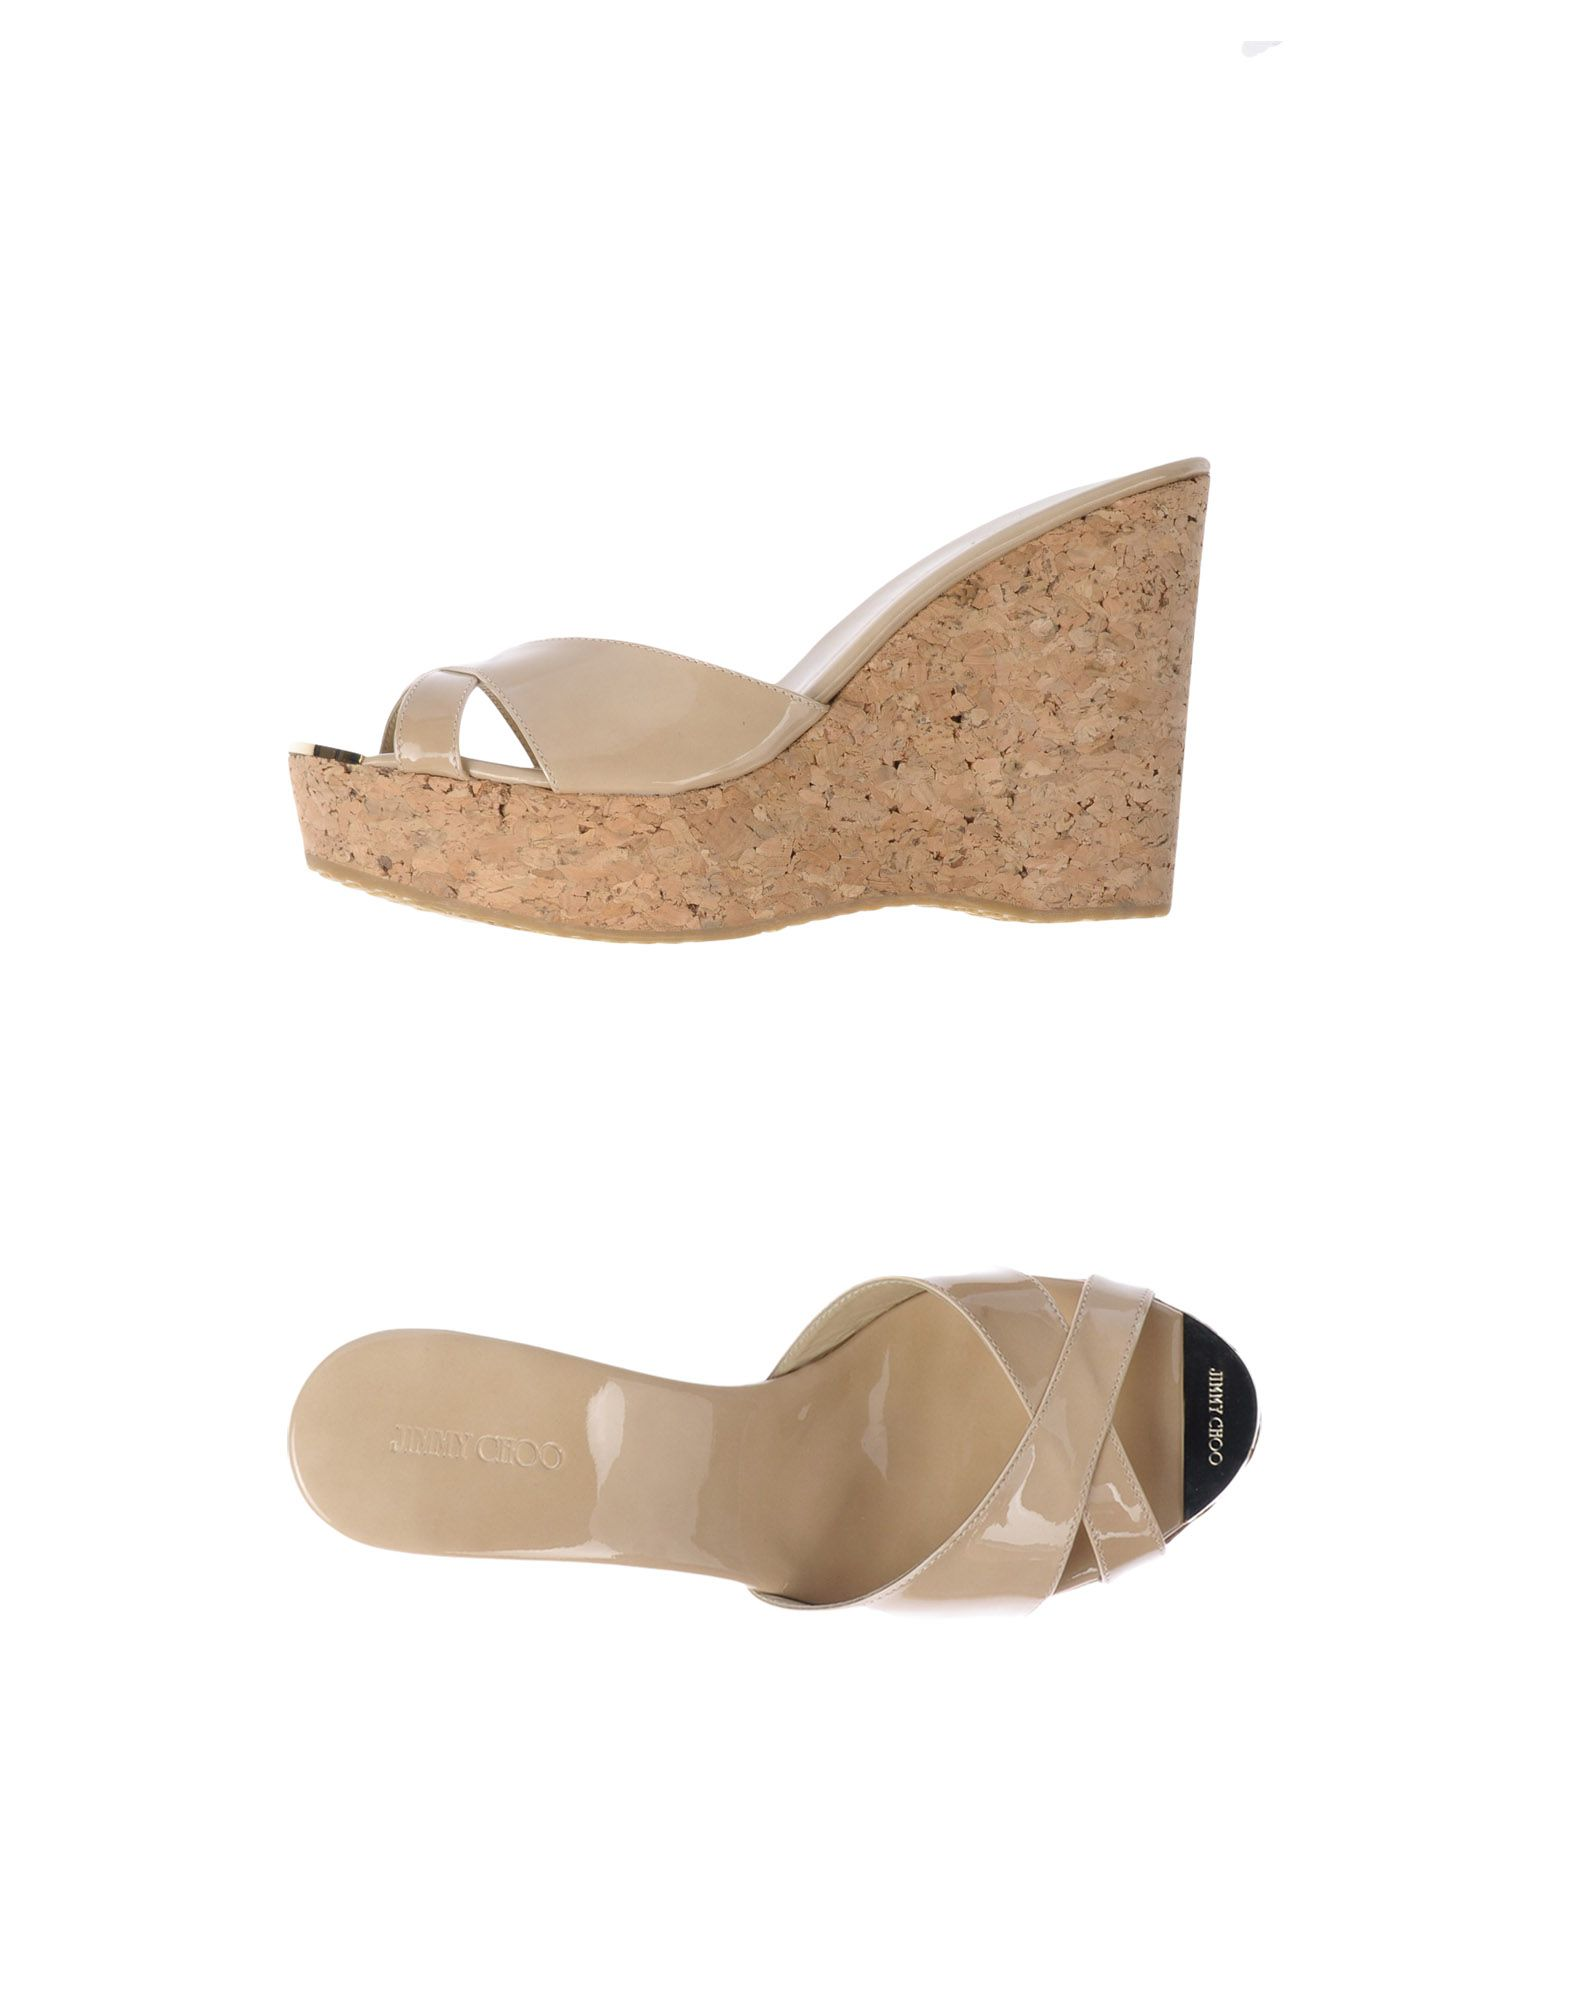 Rabatt Choo Schuhe Jimmy Choo Rabatt Sandalen Damen  11487745MU 317089